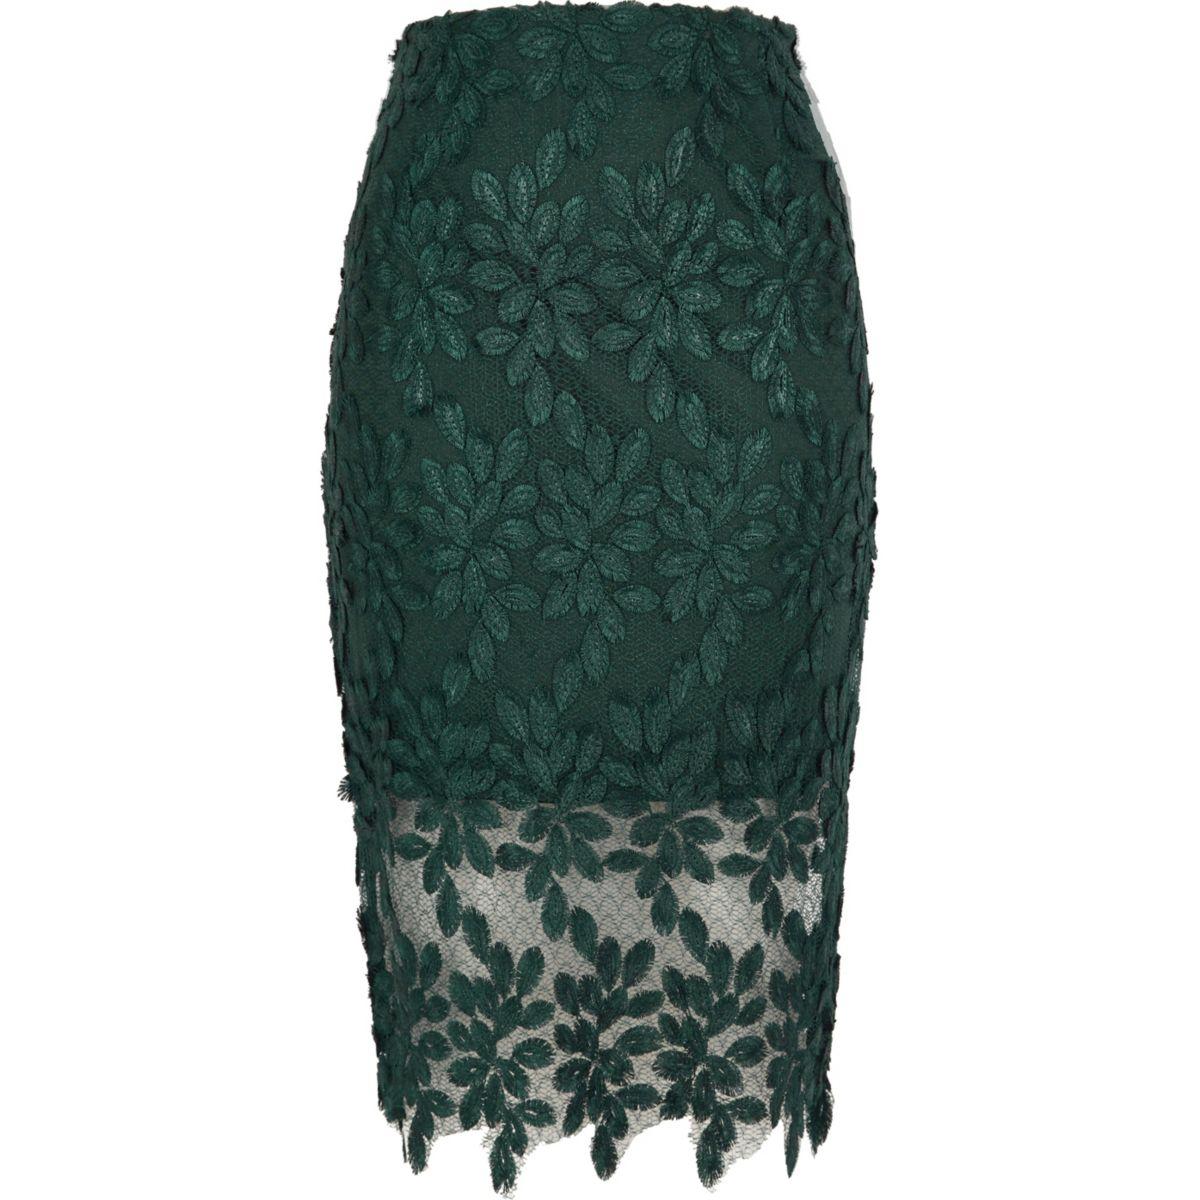 jupe crayon en tulle et dentelle fleurs vert fonc jupes promo femme. Black Bedroom Furniture Sets. Home Design Ideas